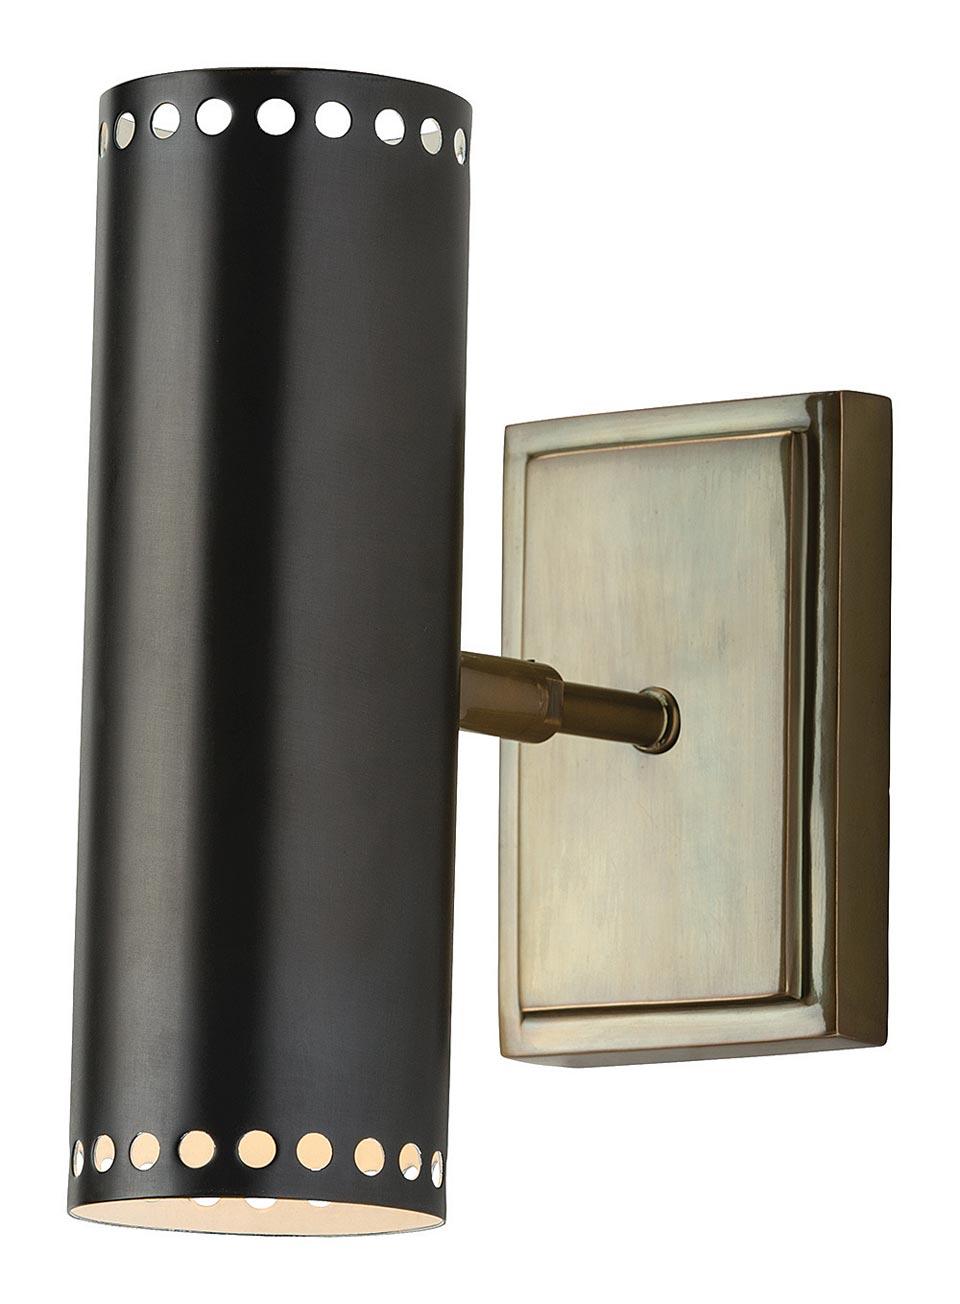 Applique noire et laiton antique Pruitt . Arteriors.